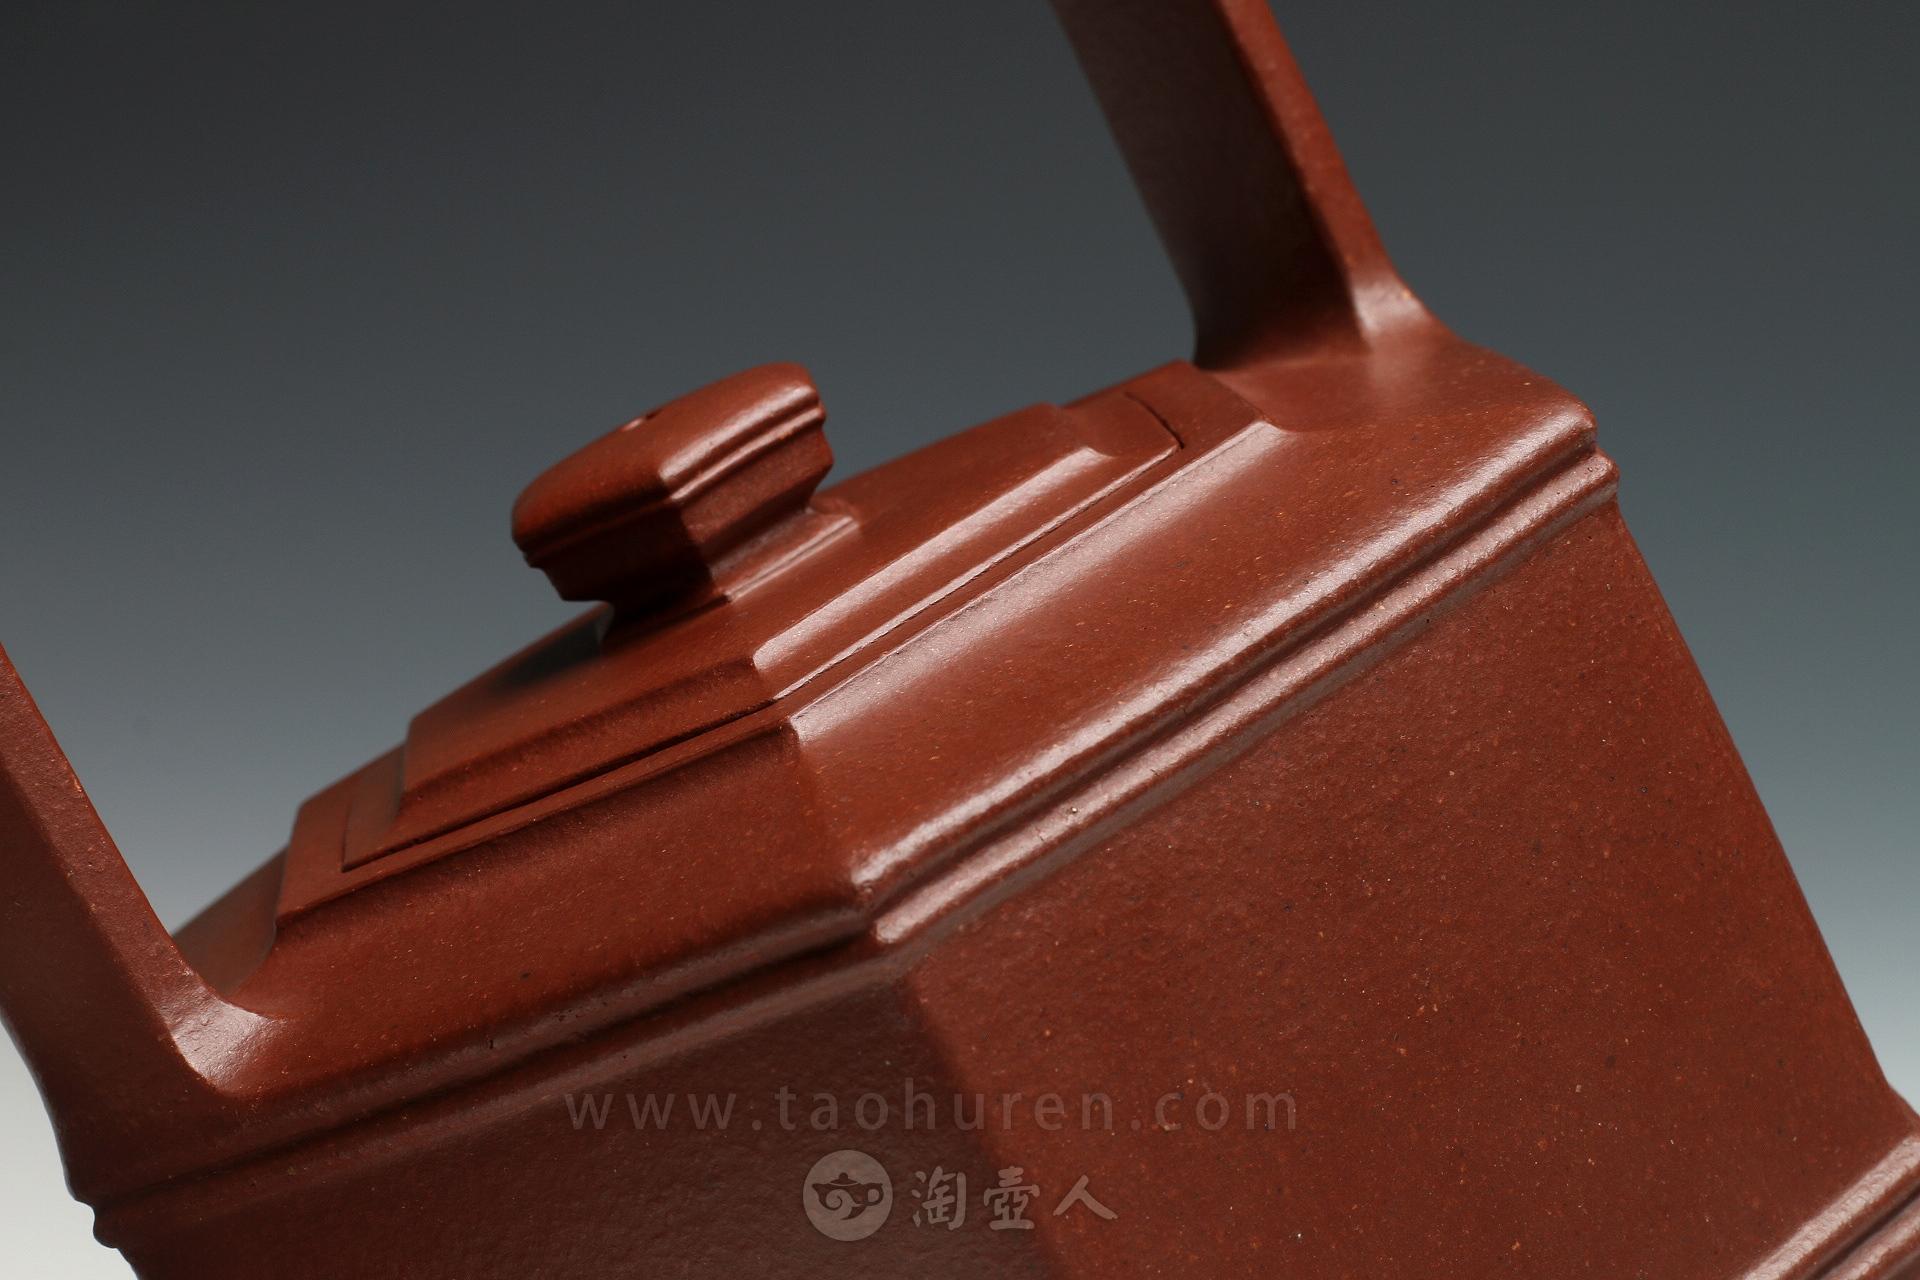 宜兴龙八娱乐网上娱乐名家邵顺生龙八娱乐网上娱乐-御方提辉壶